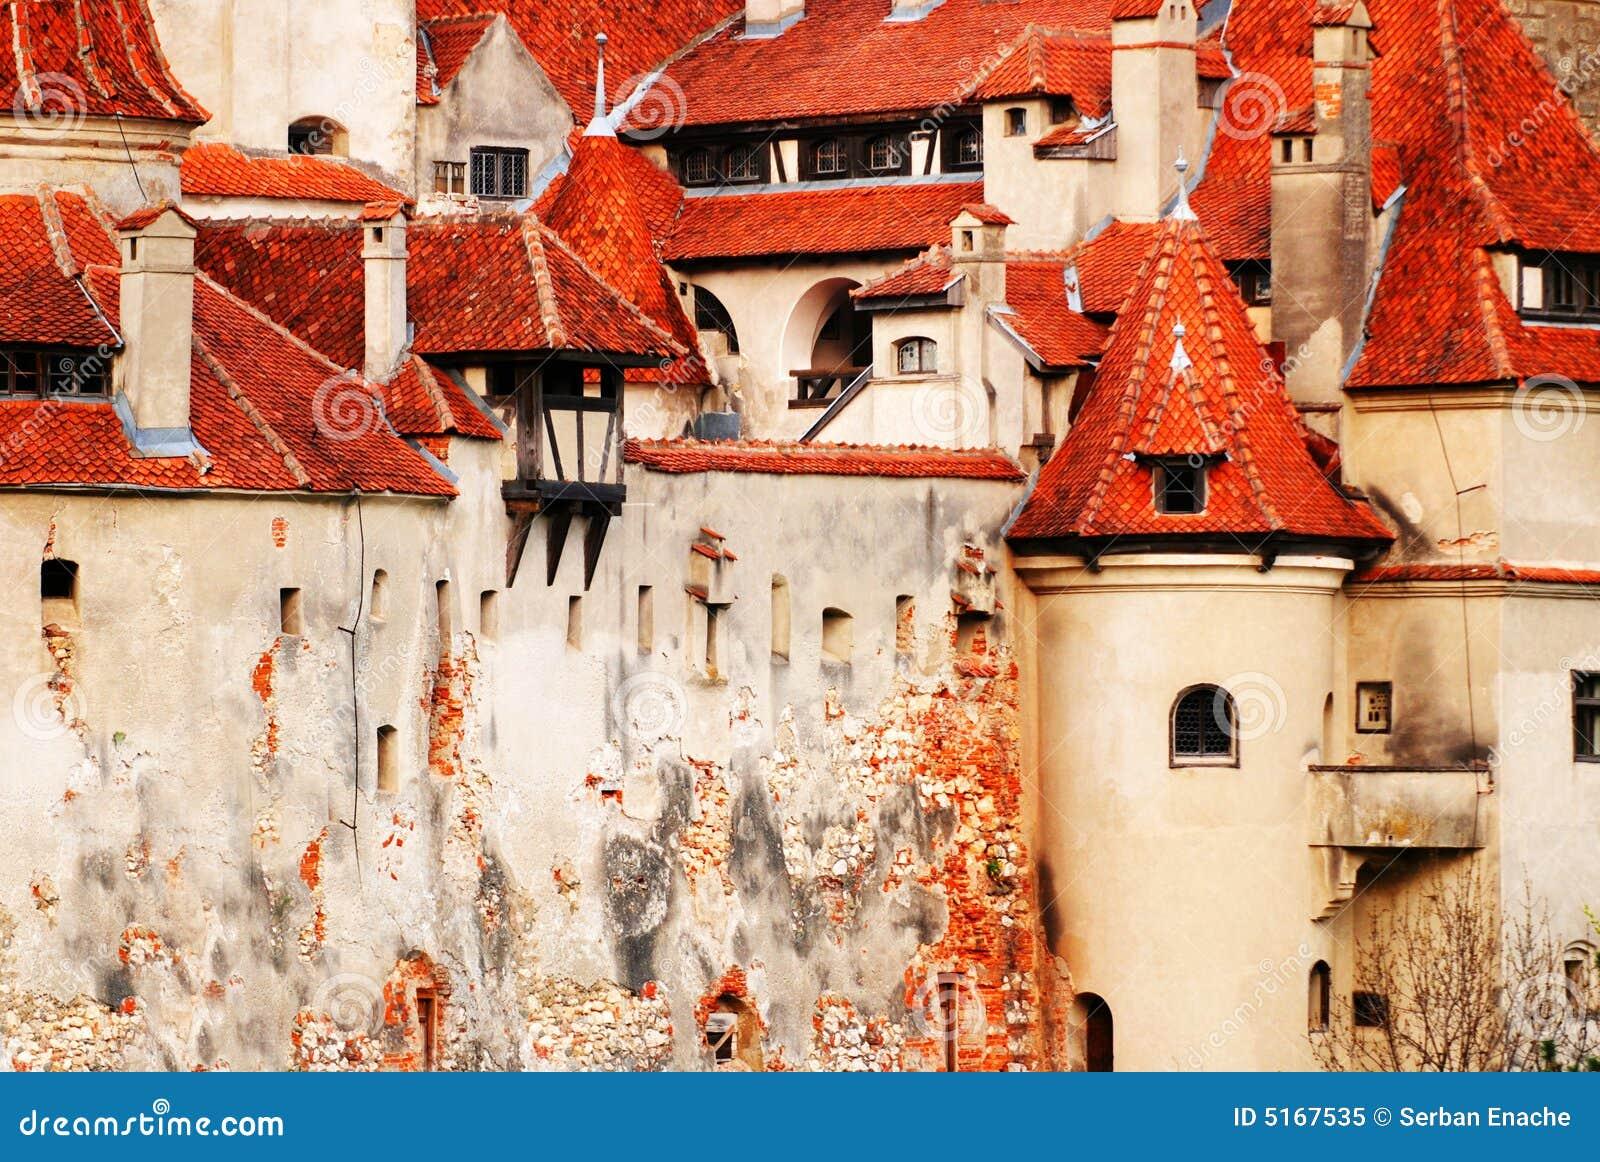 麸皮城堡详细资料